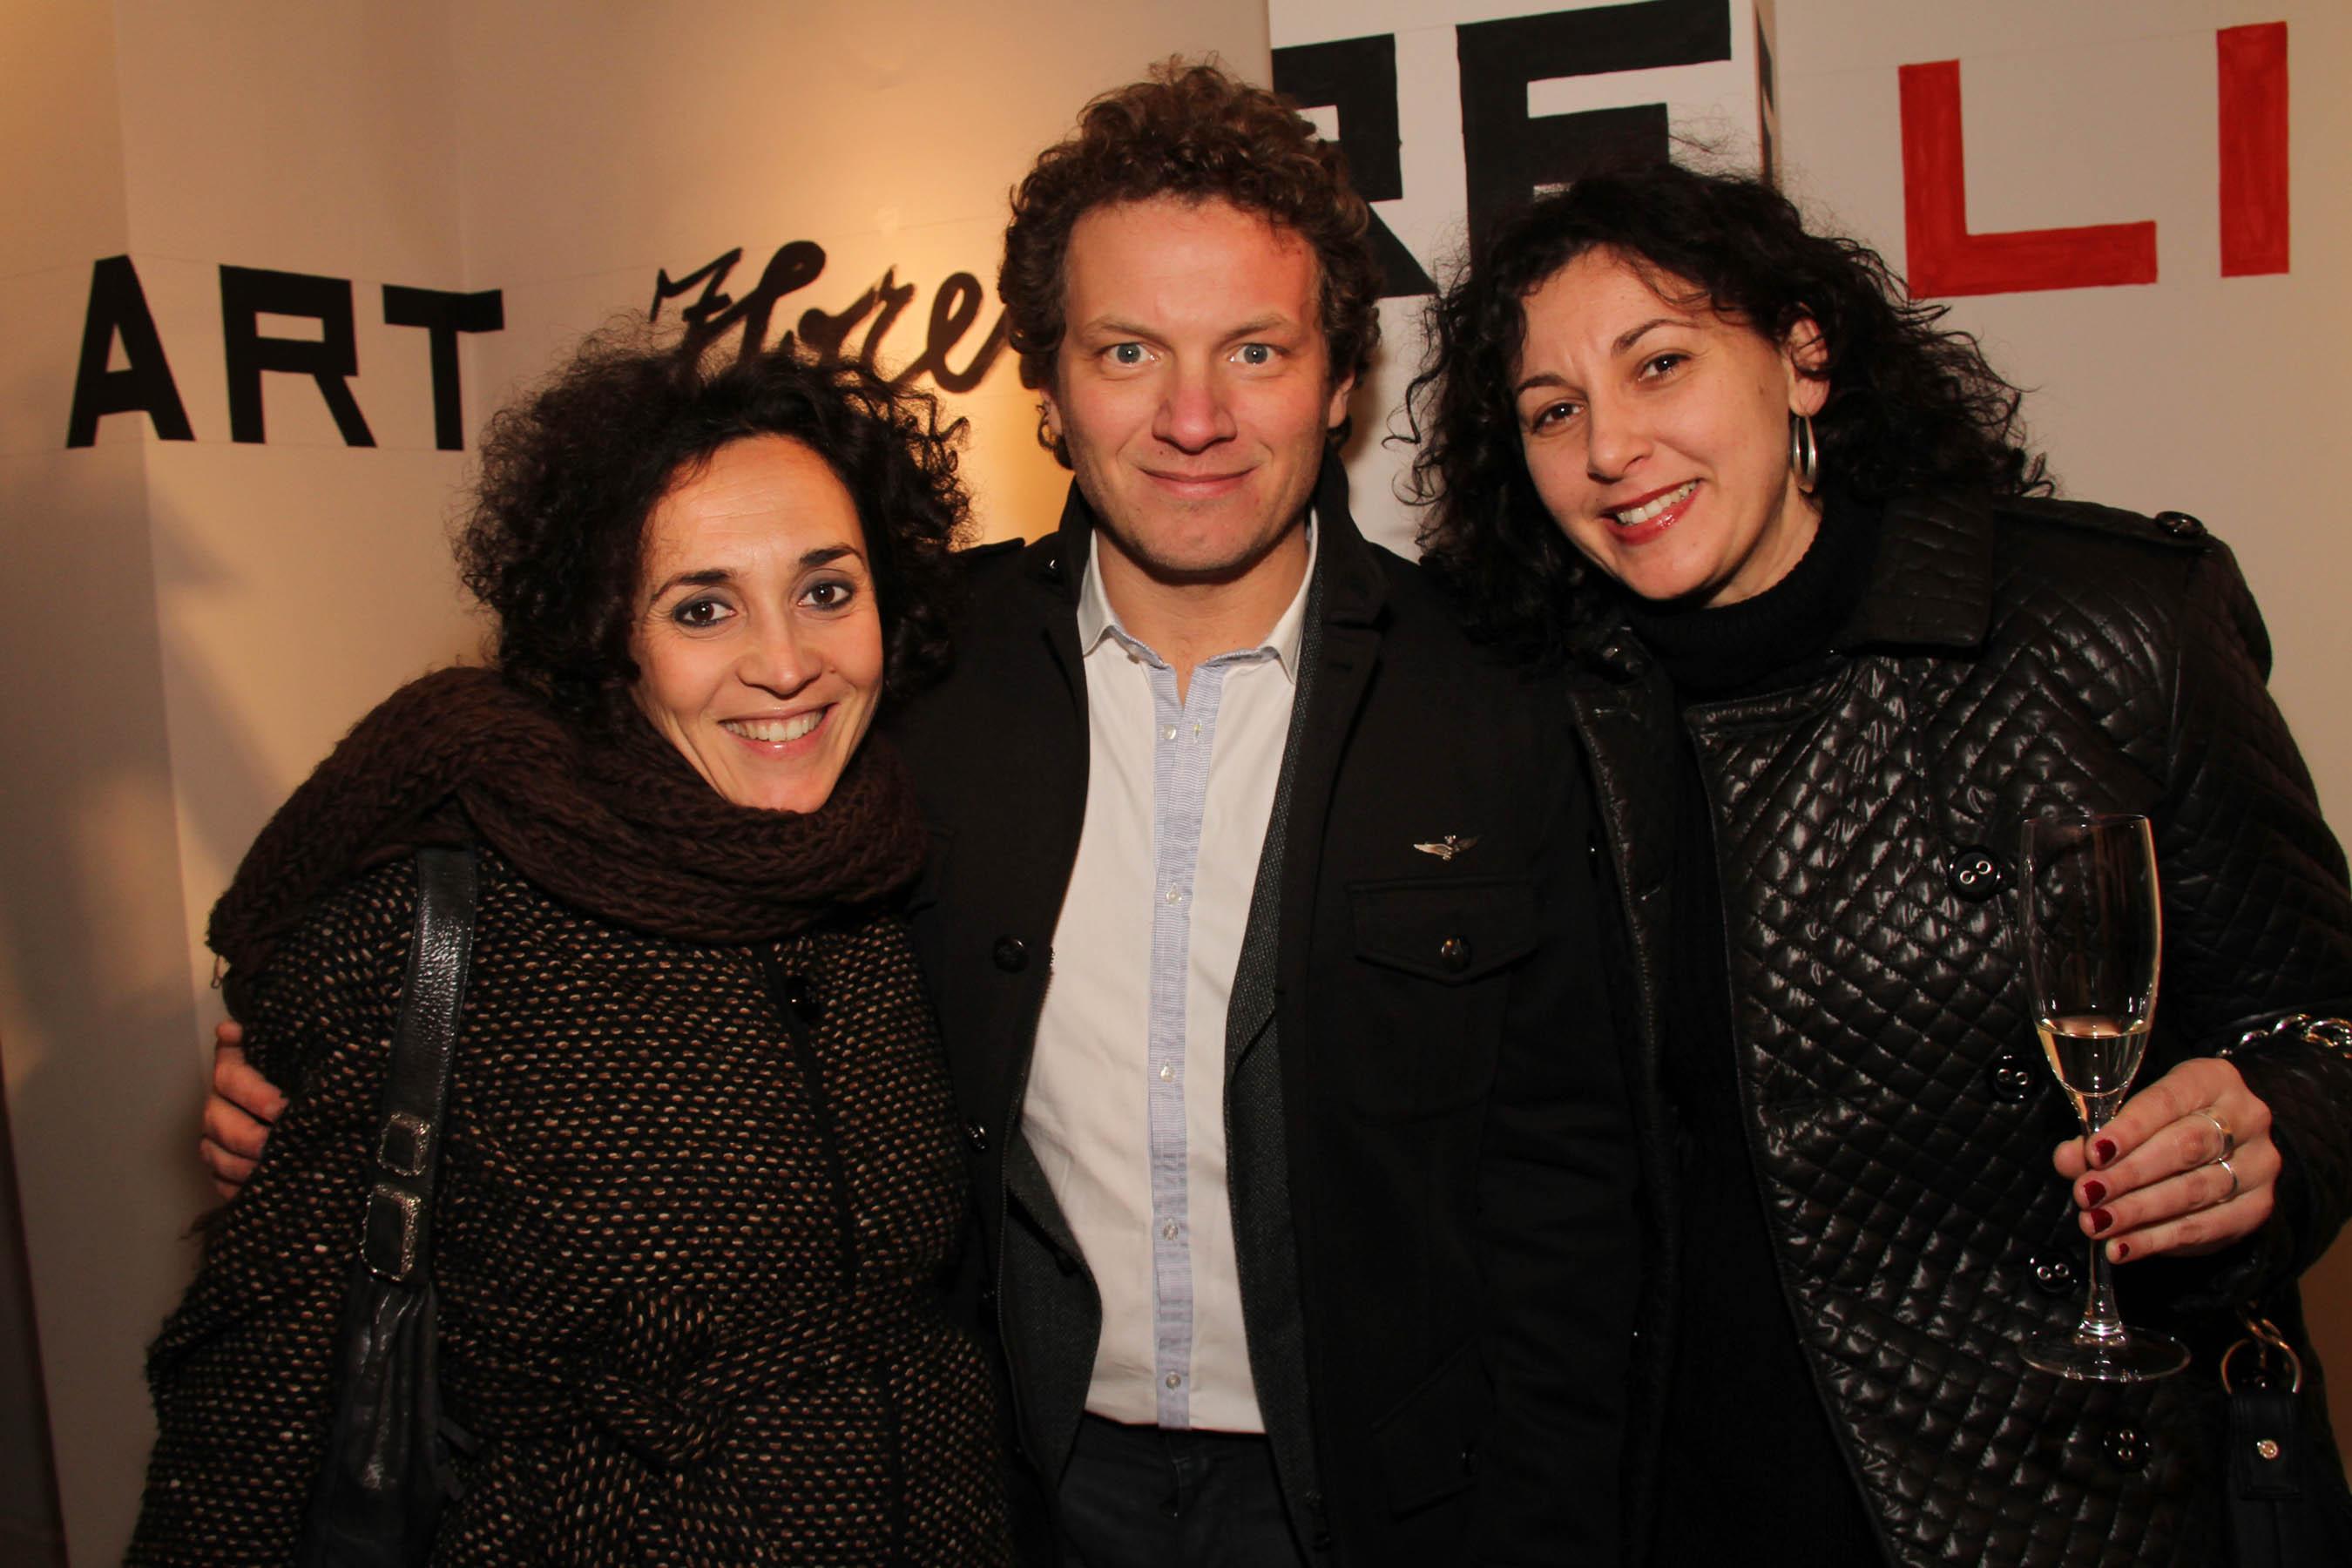 PRESSPHOTO Firenze, festa Firenze Magazine #13, For Gallery. Nella foto Gioia Giovannangeli, Matteo Becucci e Ilaria Legato